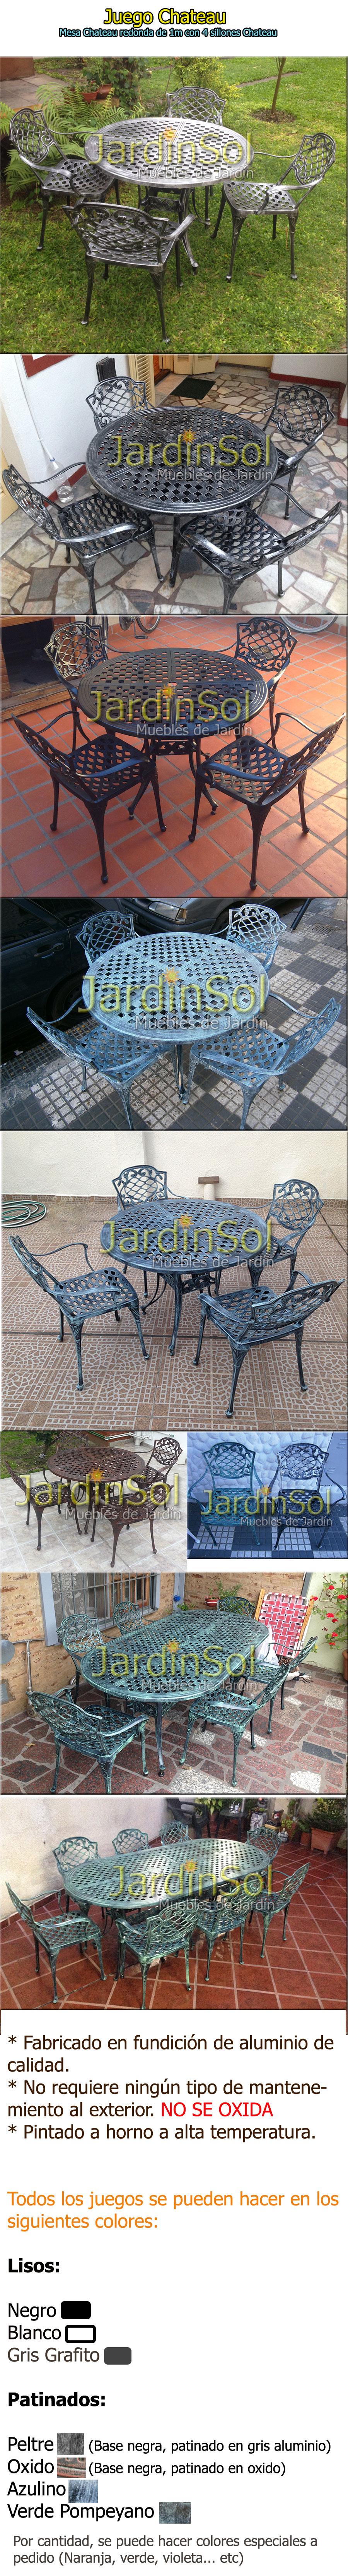 chateau nuevo mercadolibre jardinsol fundicion de aluminio mesa 1m